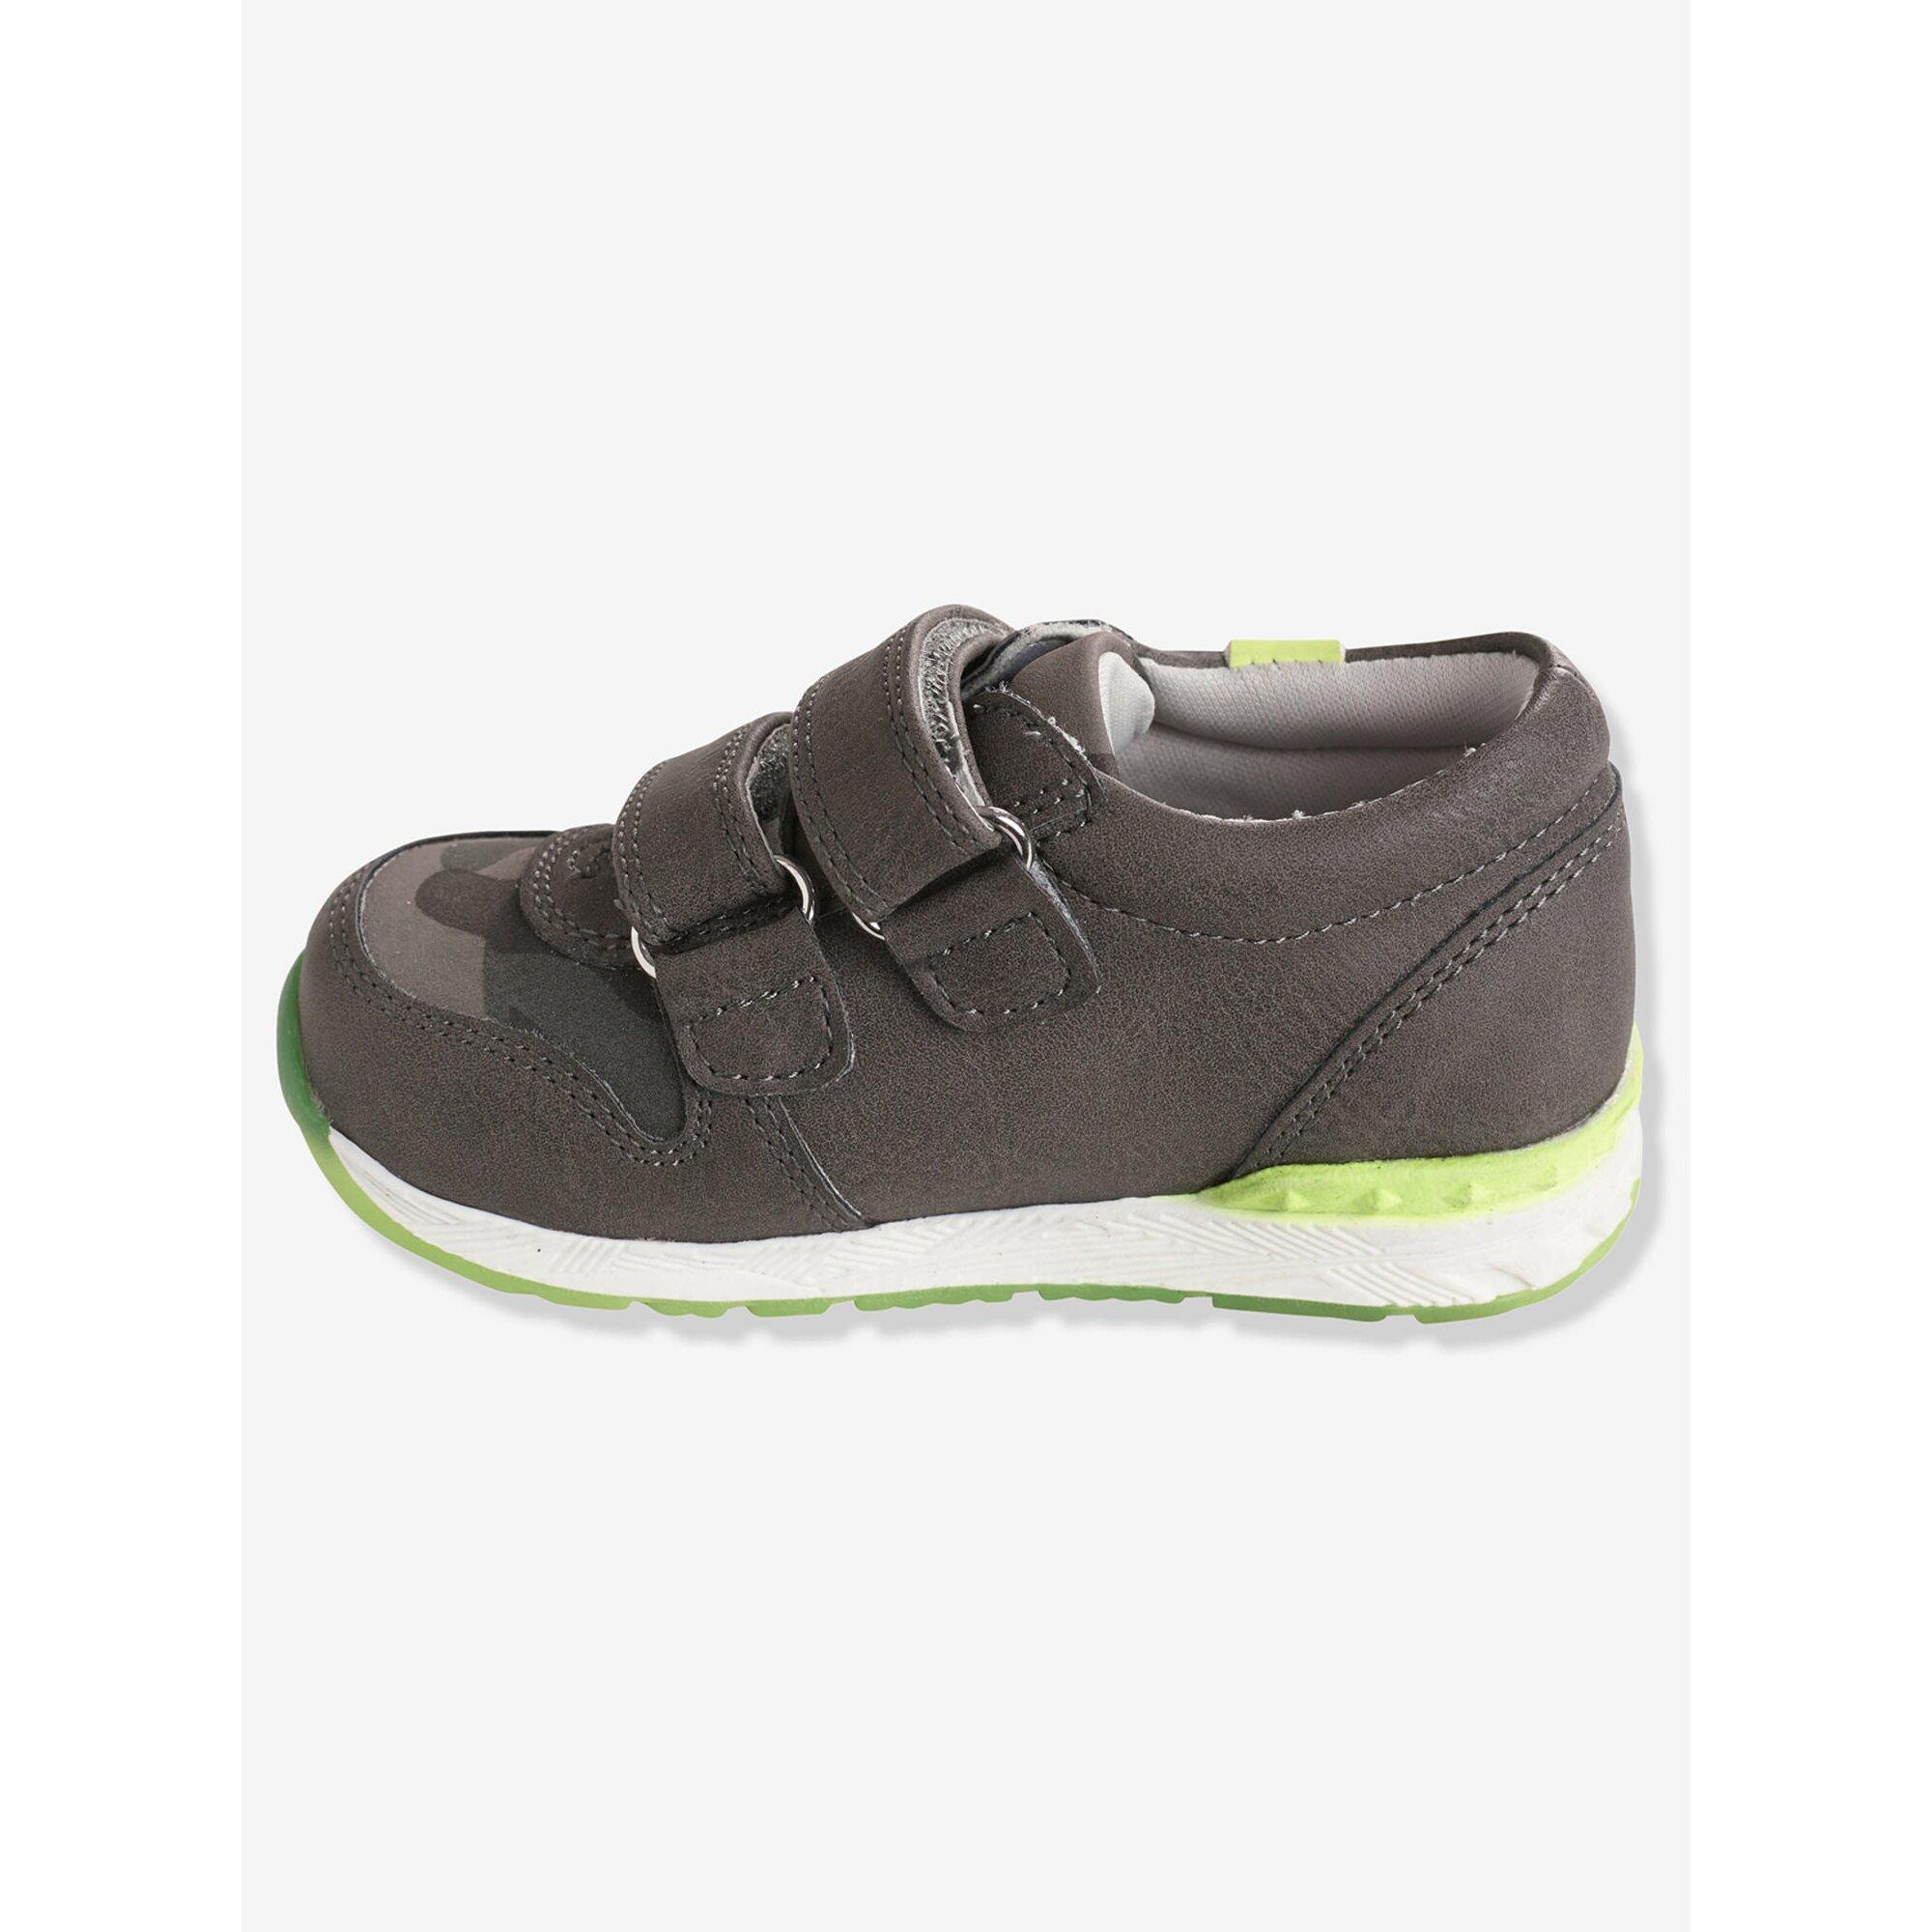 vertbaudet-sneakers-fur-jungen-neonstreifen, 30.99 EUR @ babywalz-de